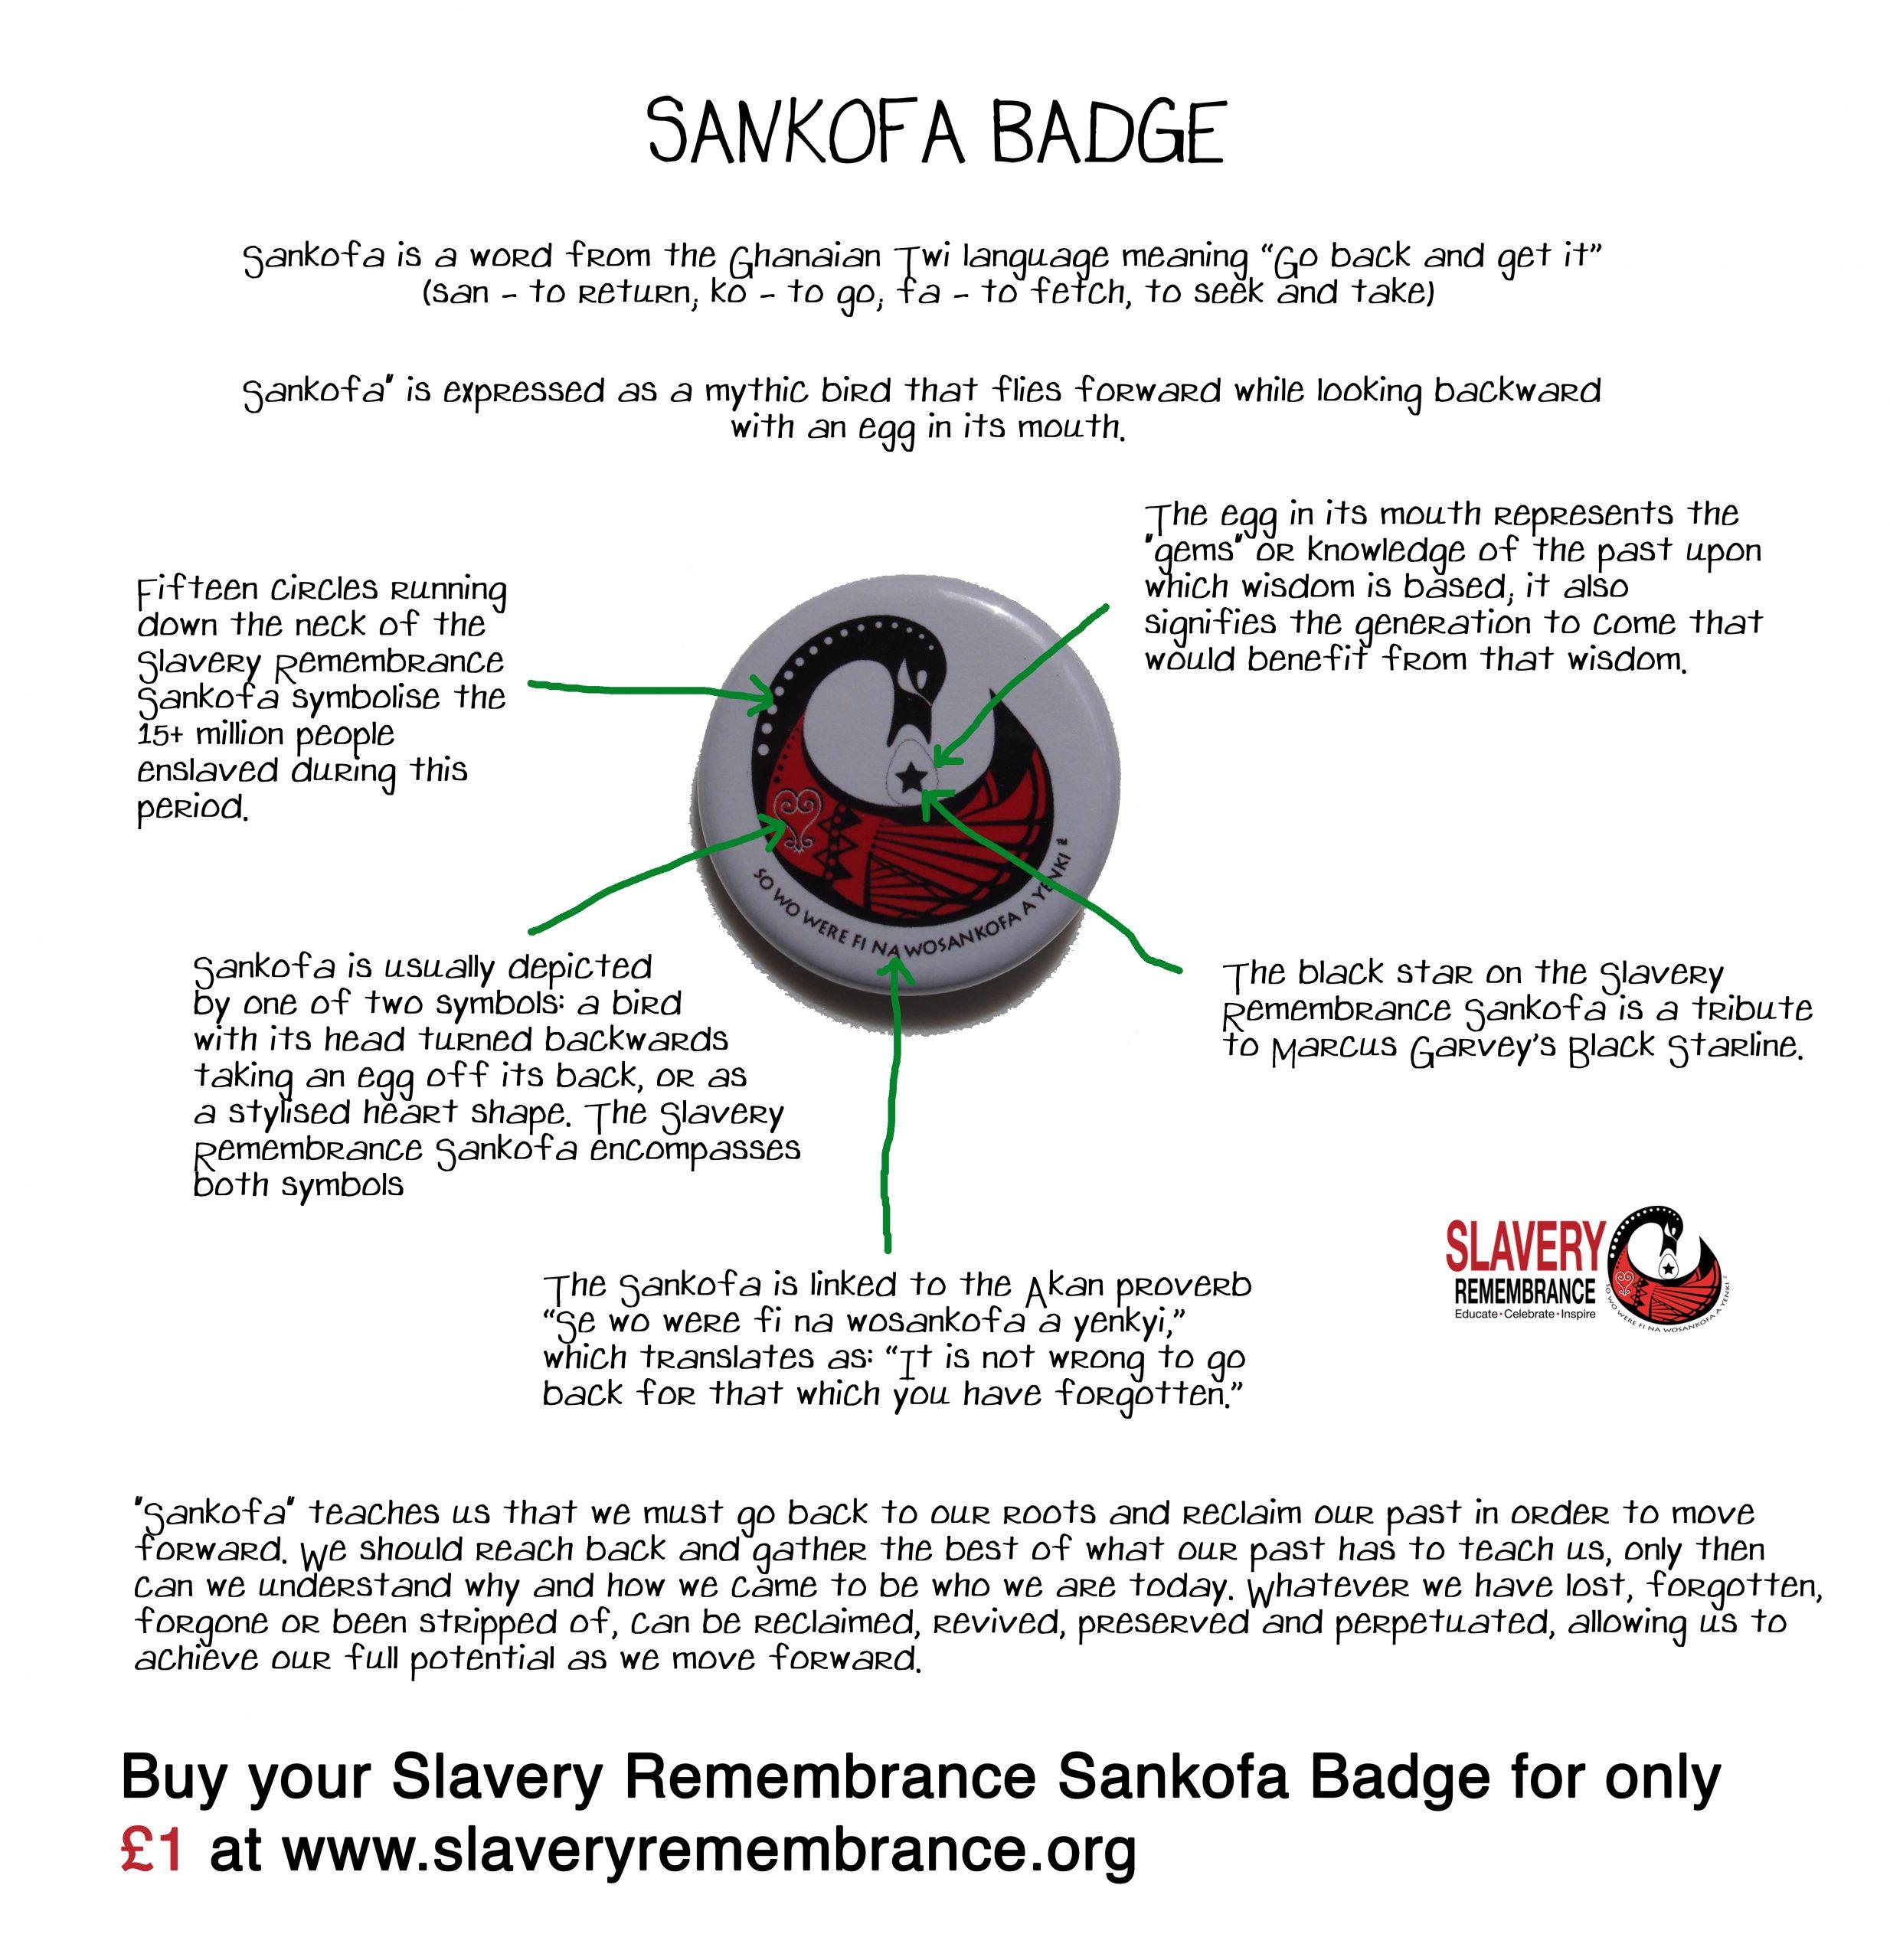 Slavery Remembrance Enamel Sankofa Badge Slavery Remembrance